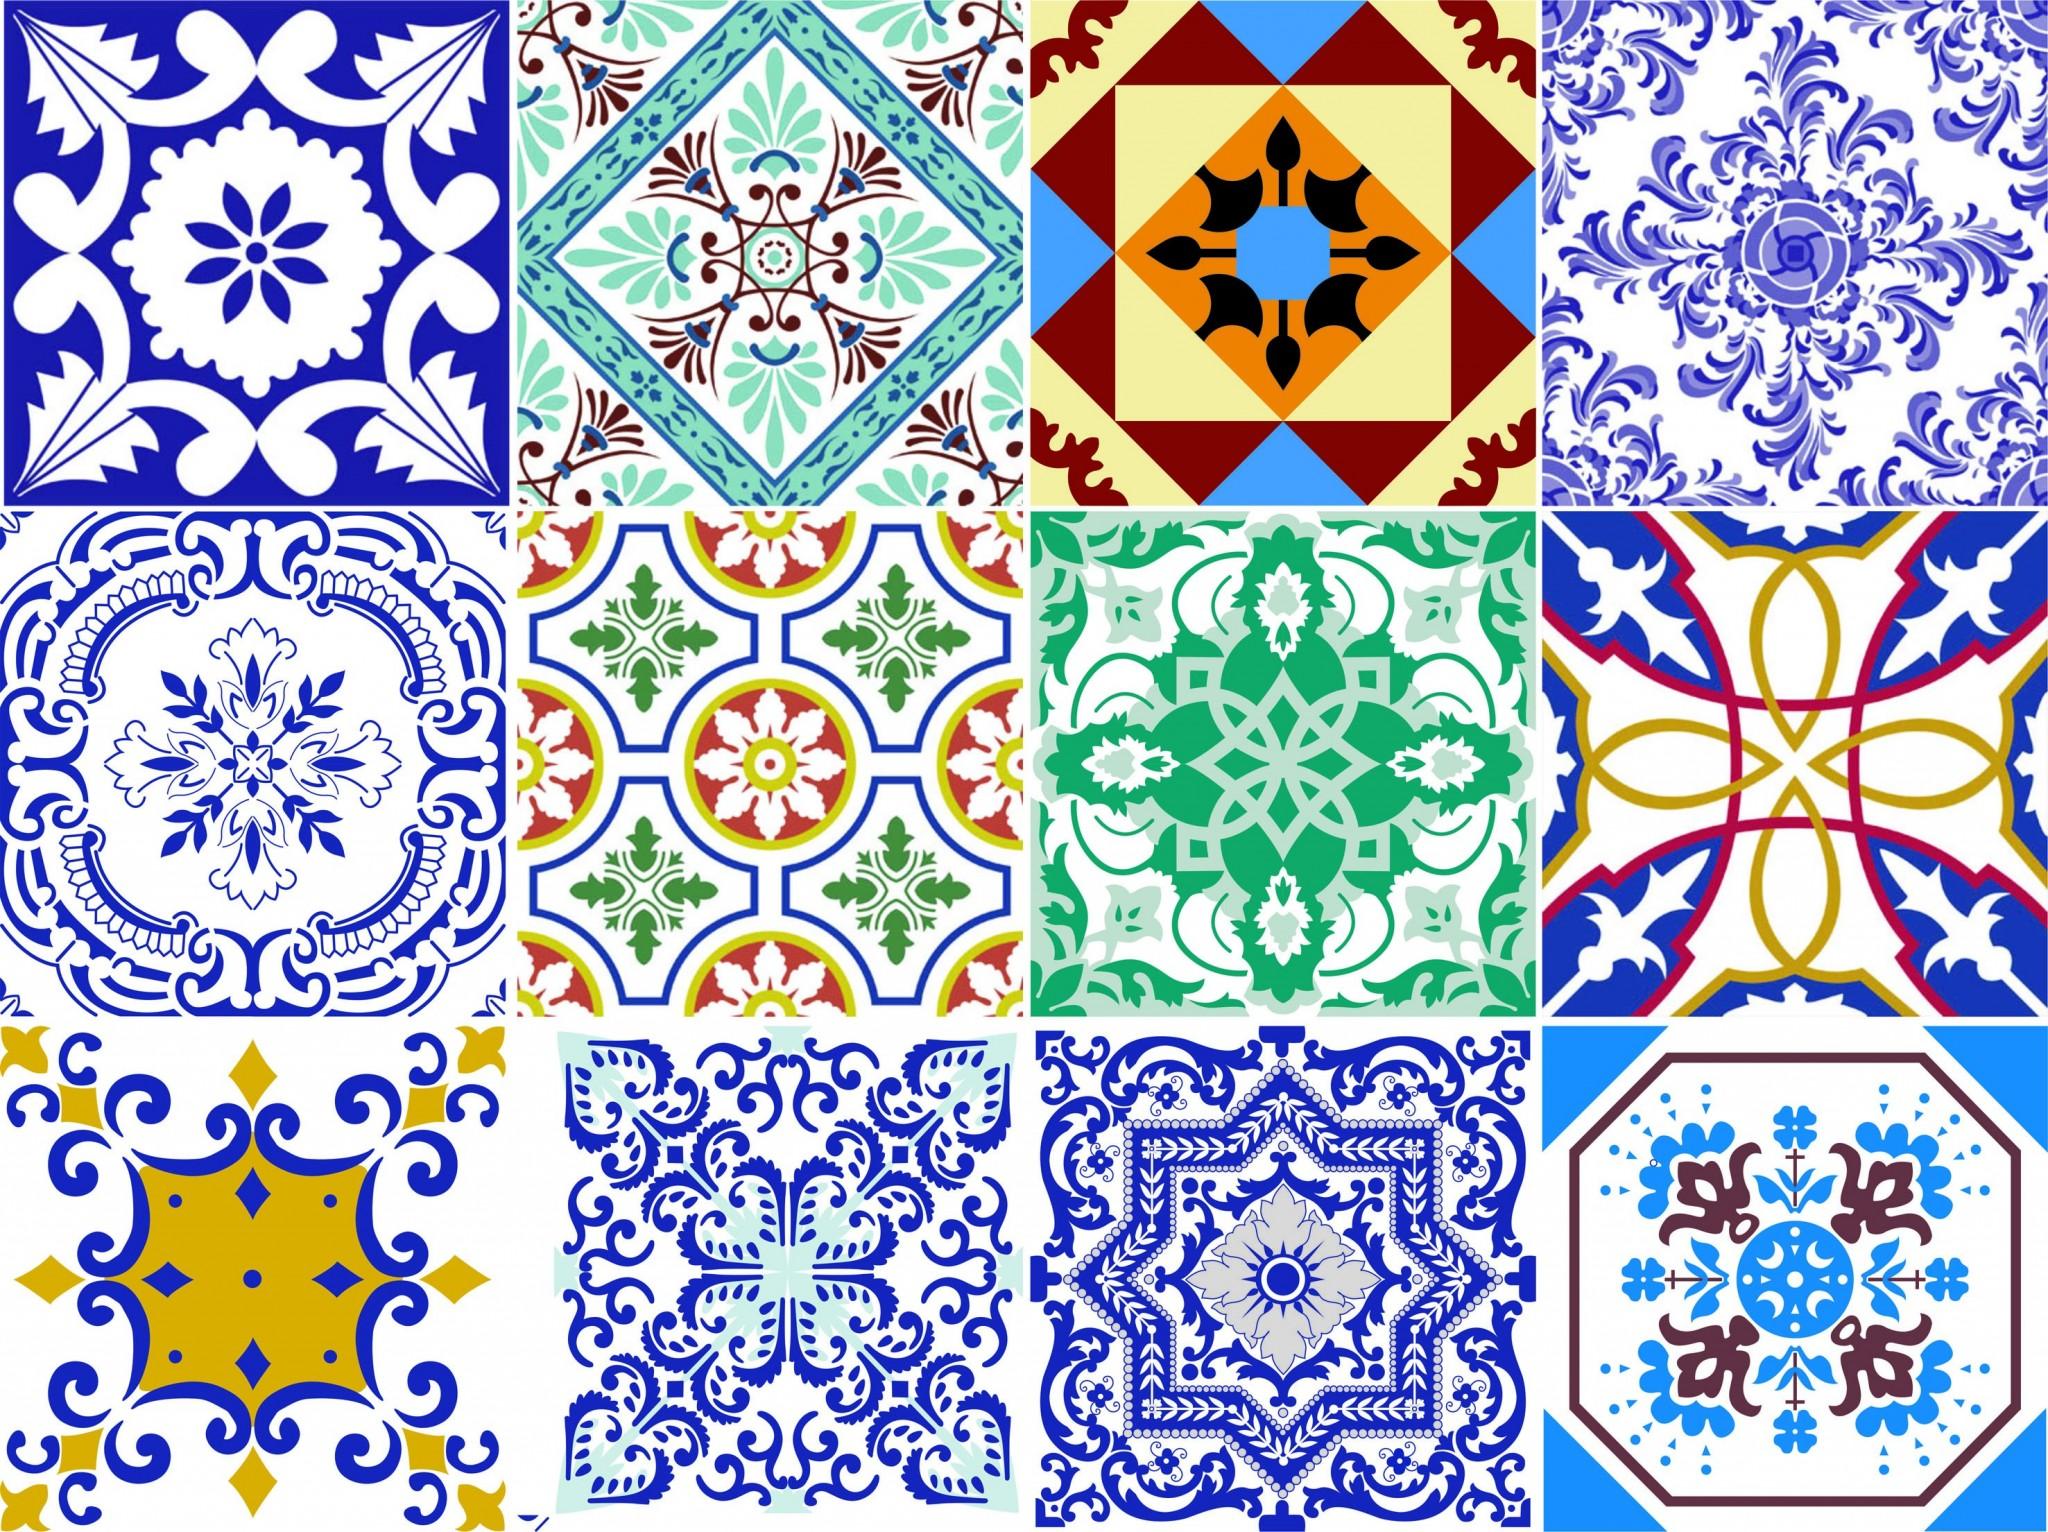 Azulejo portugu s candidata se a patrim nio da humanidade for Azulejos para paredes